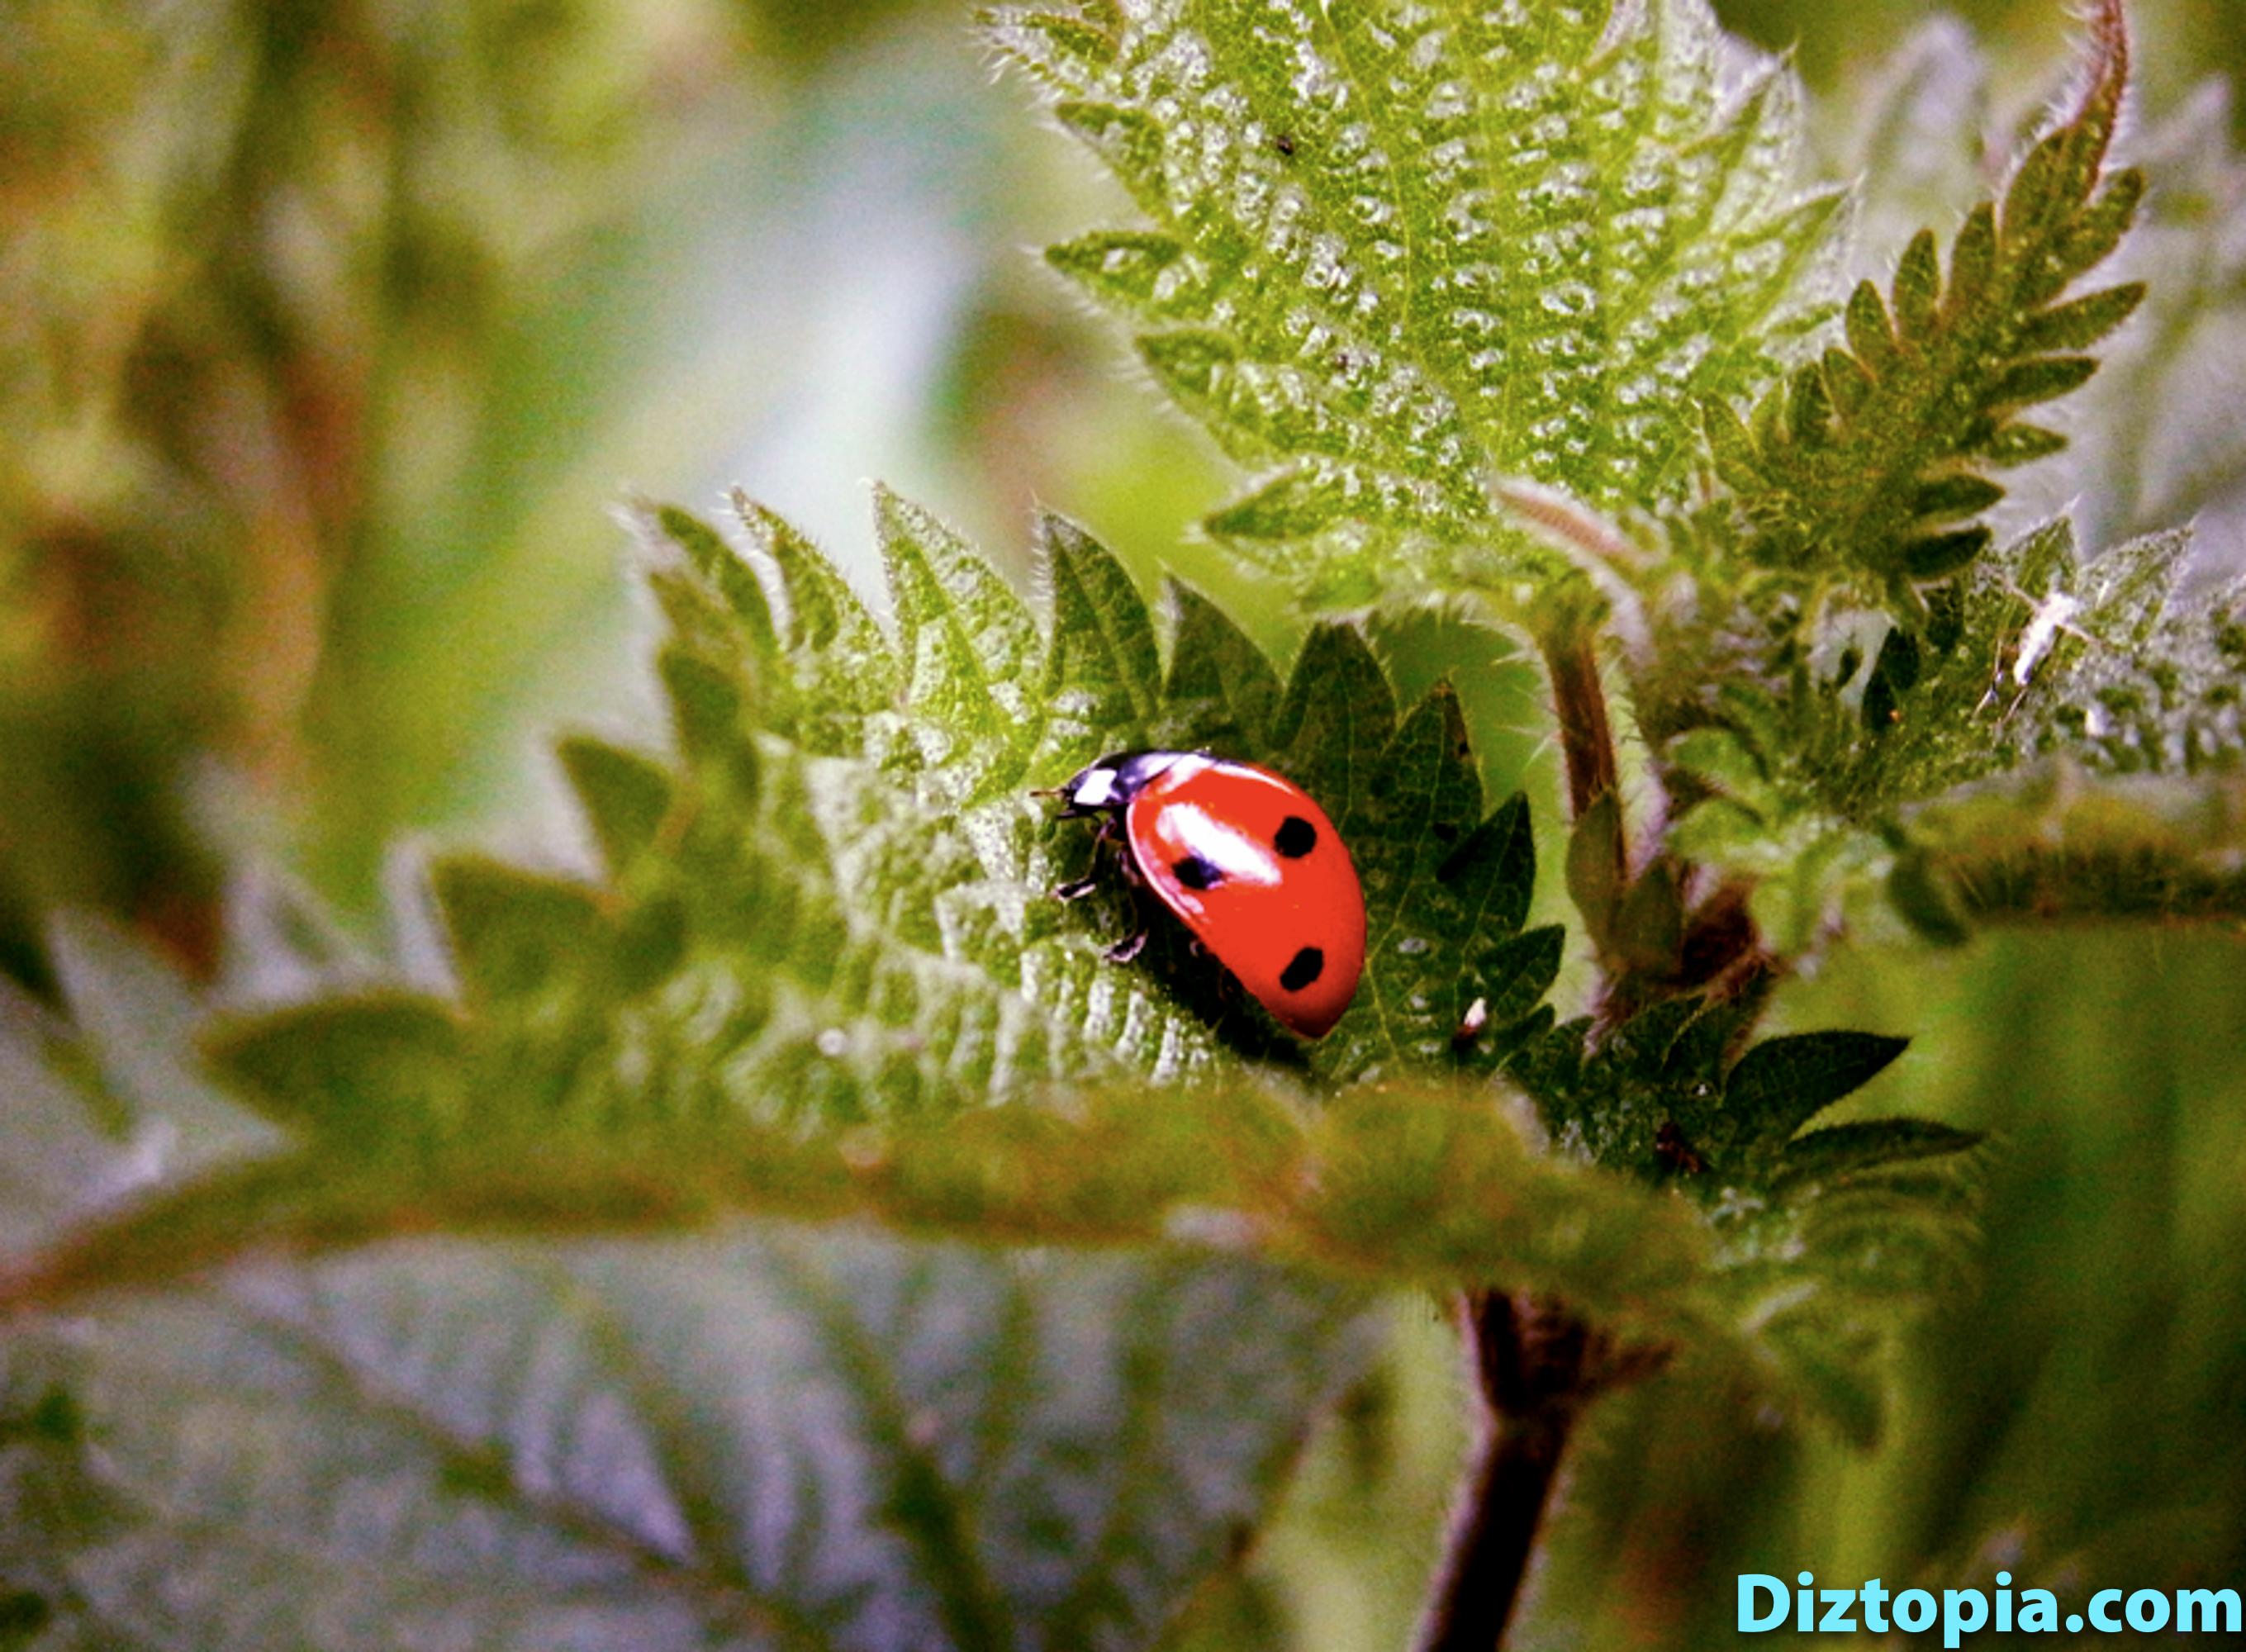 diztopia-com-dizma_dahl-photography-digicam-3